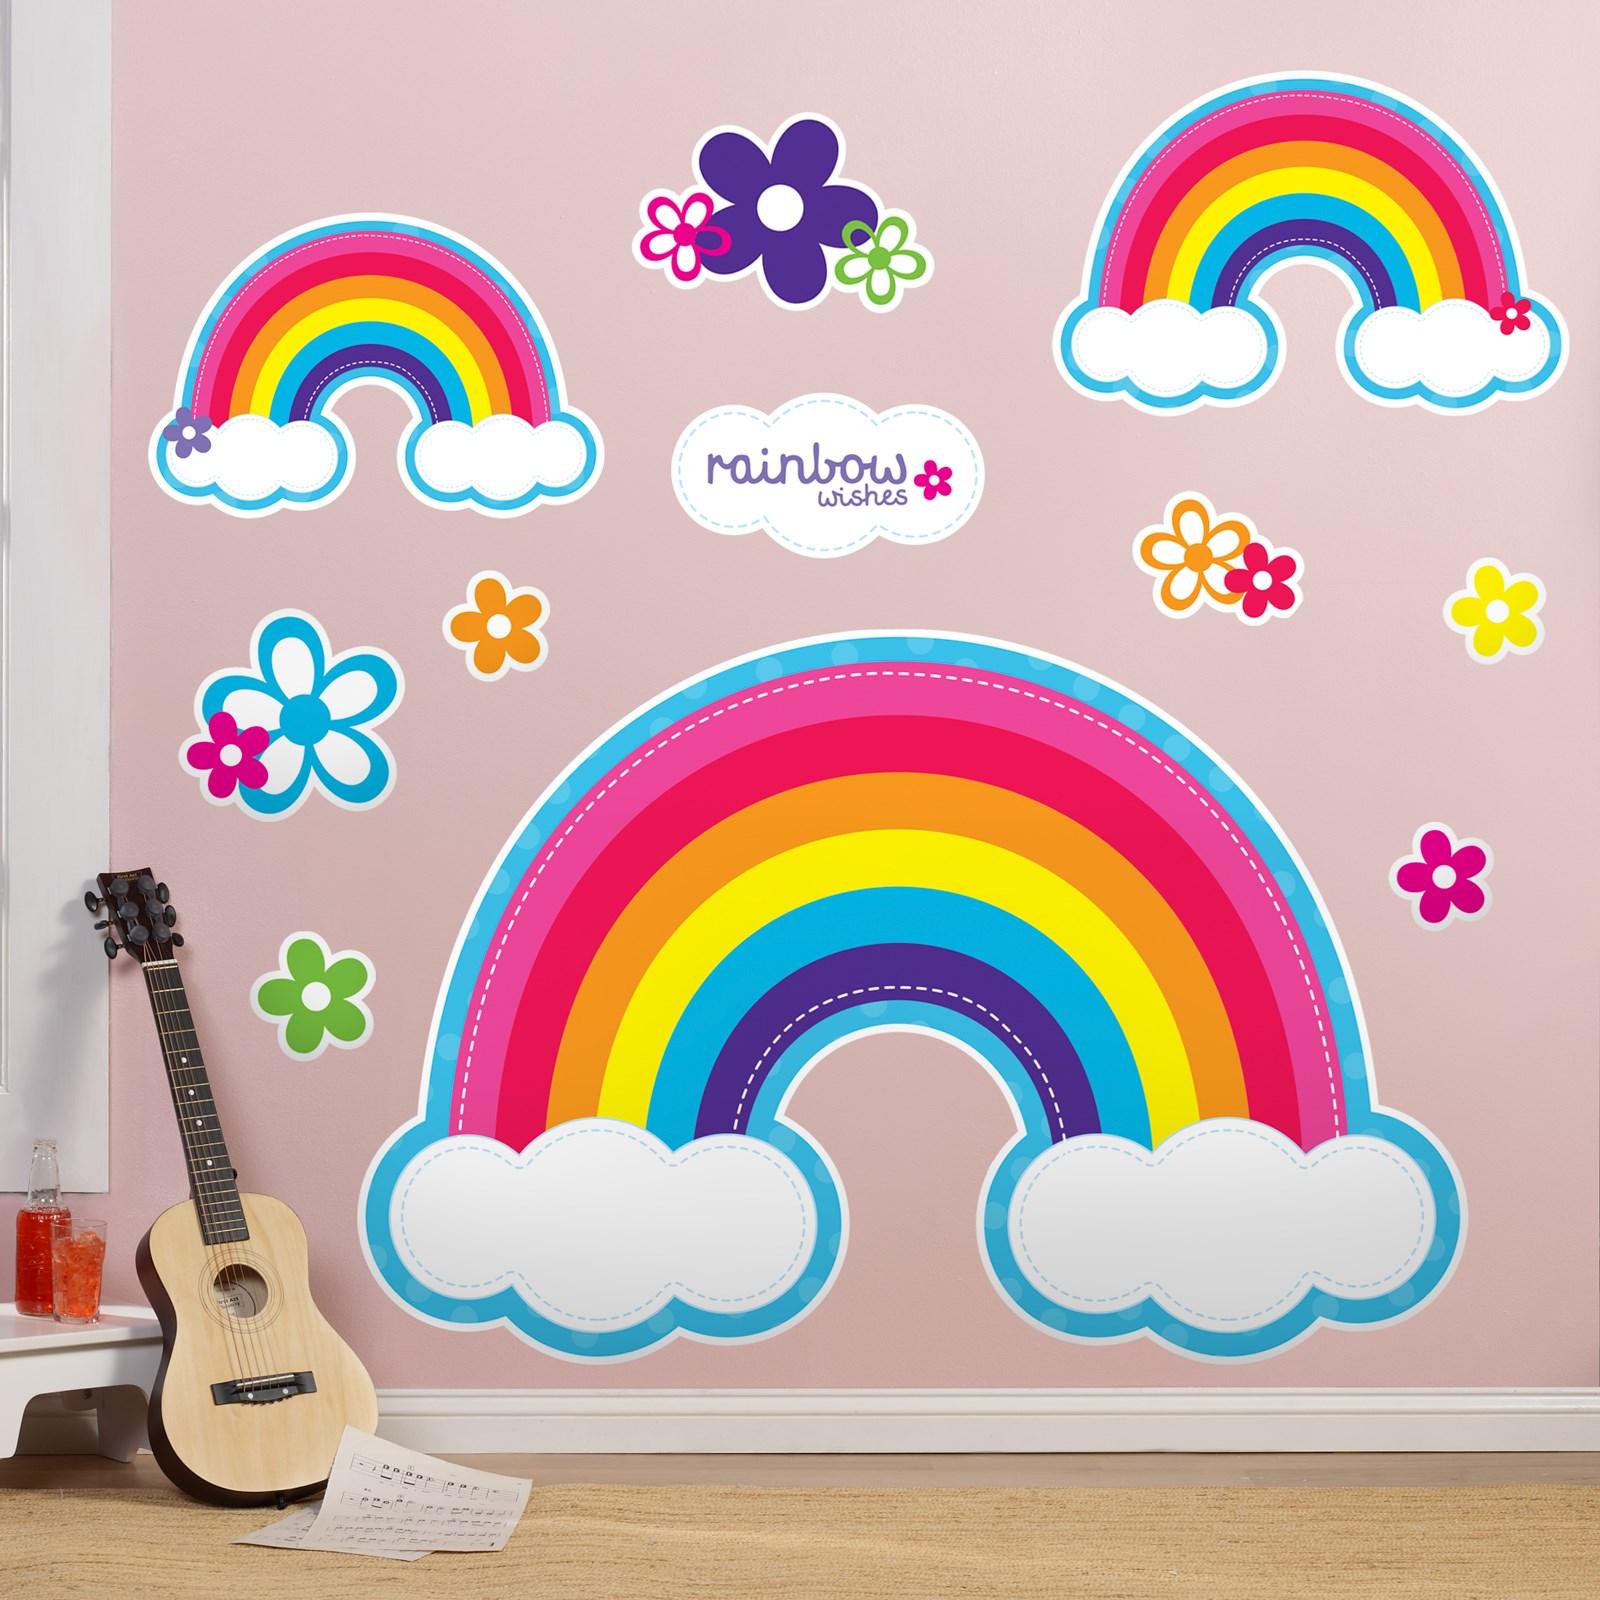 Rainbow Wall Decor Stickers : Rainbow wishes giant wall decals birthdayexpress